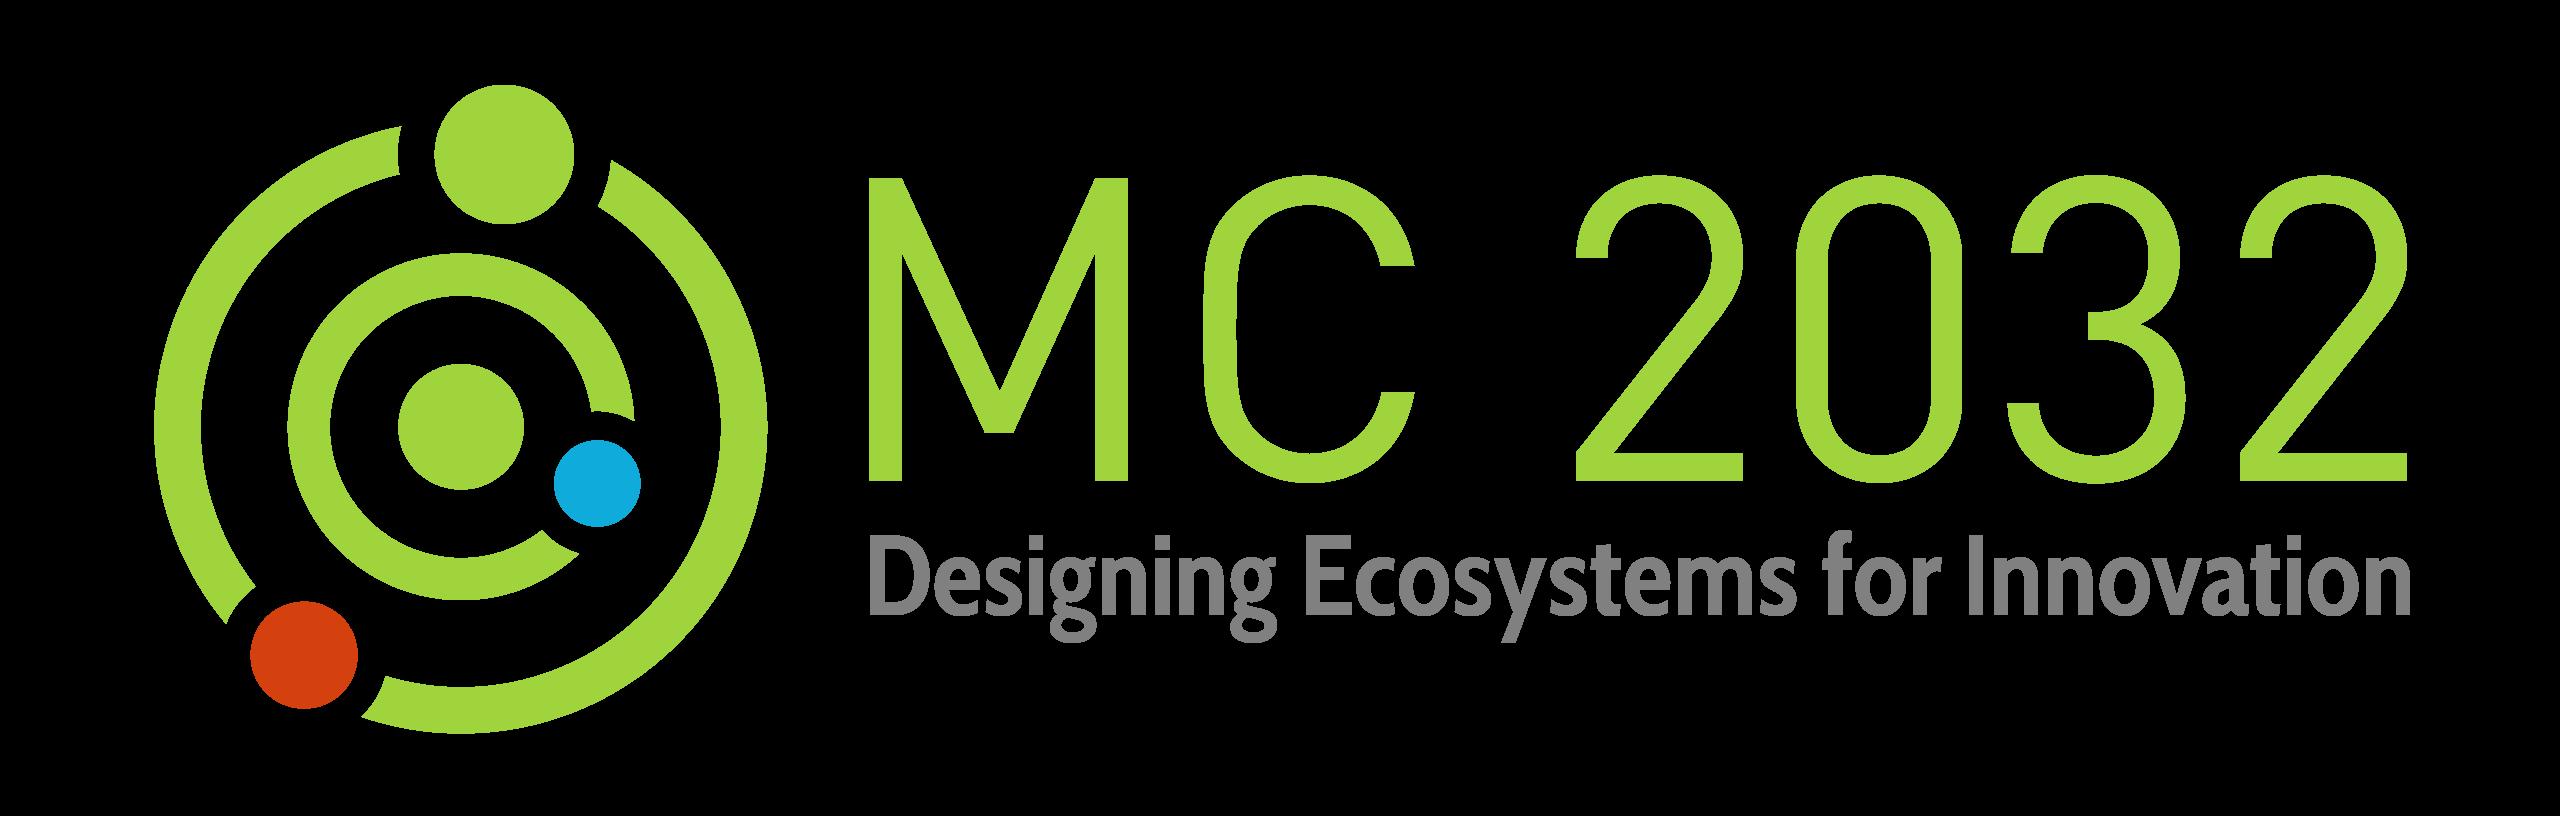 Metropolitan Cities 2032